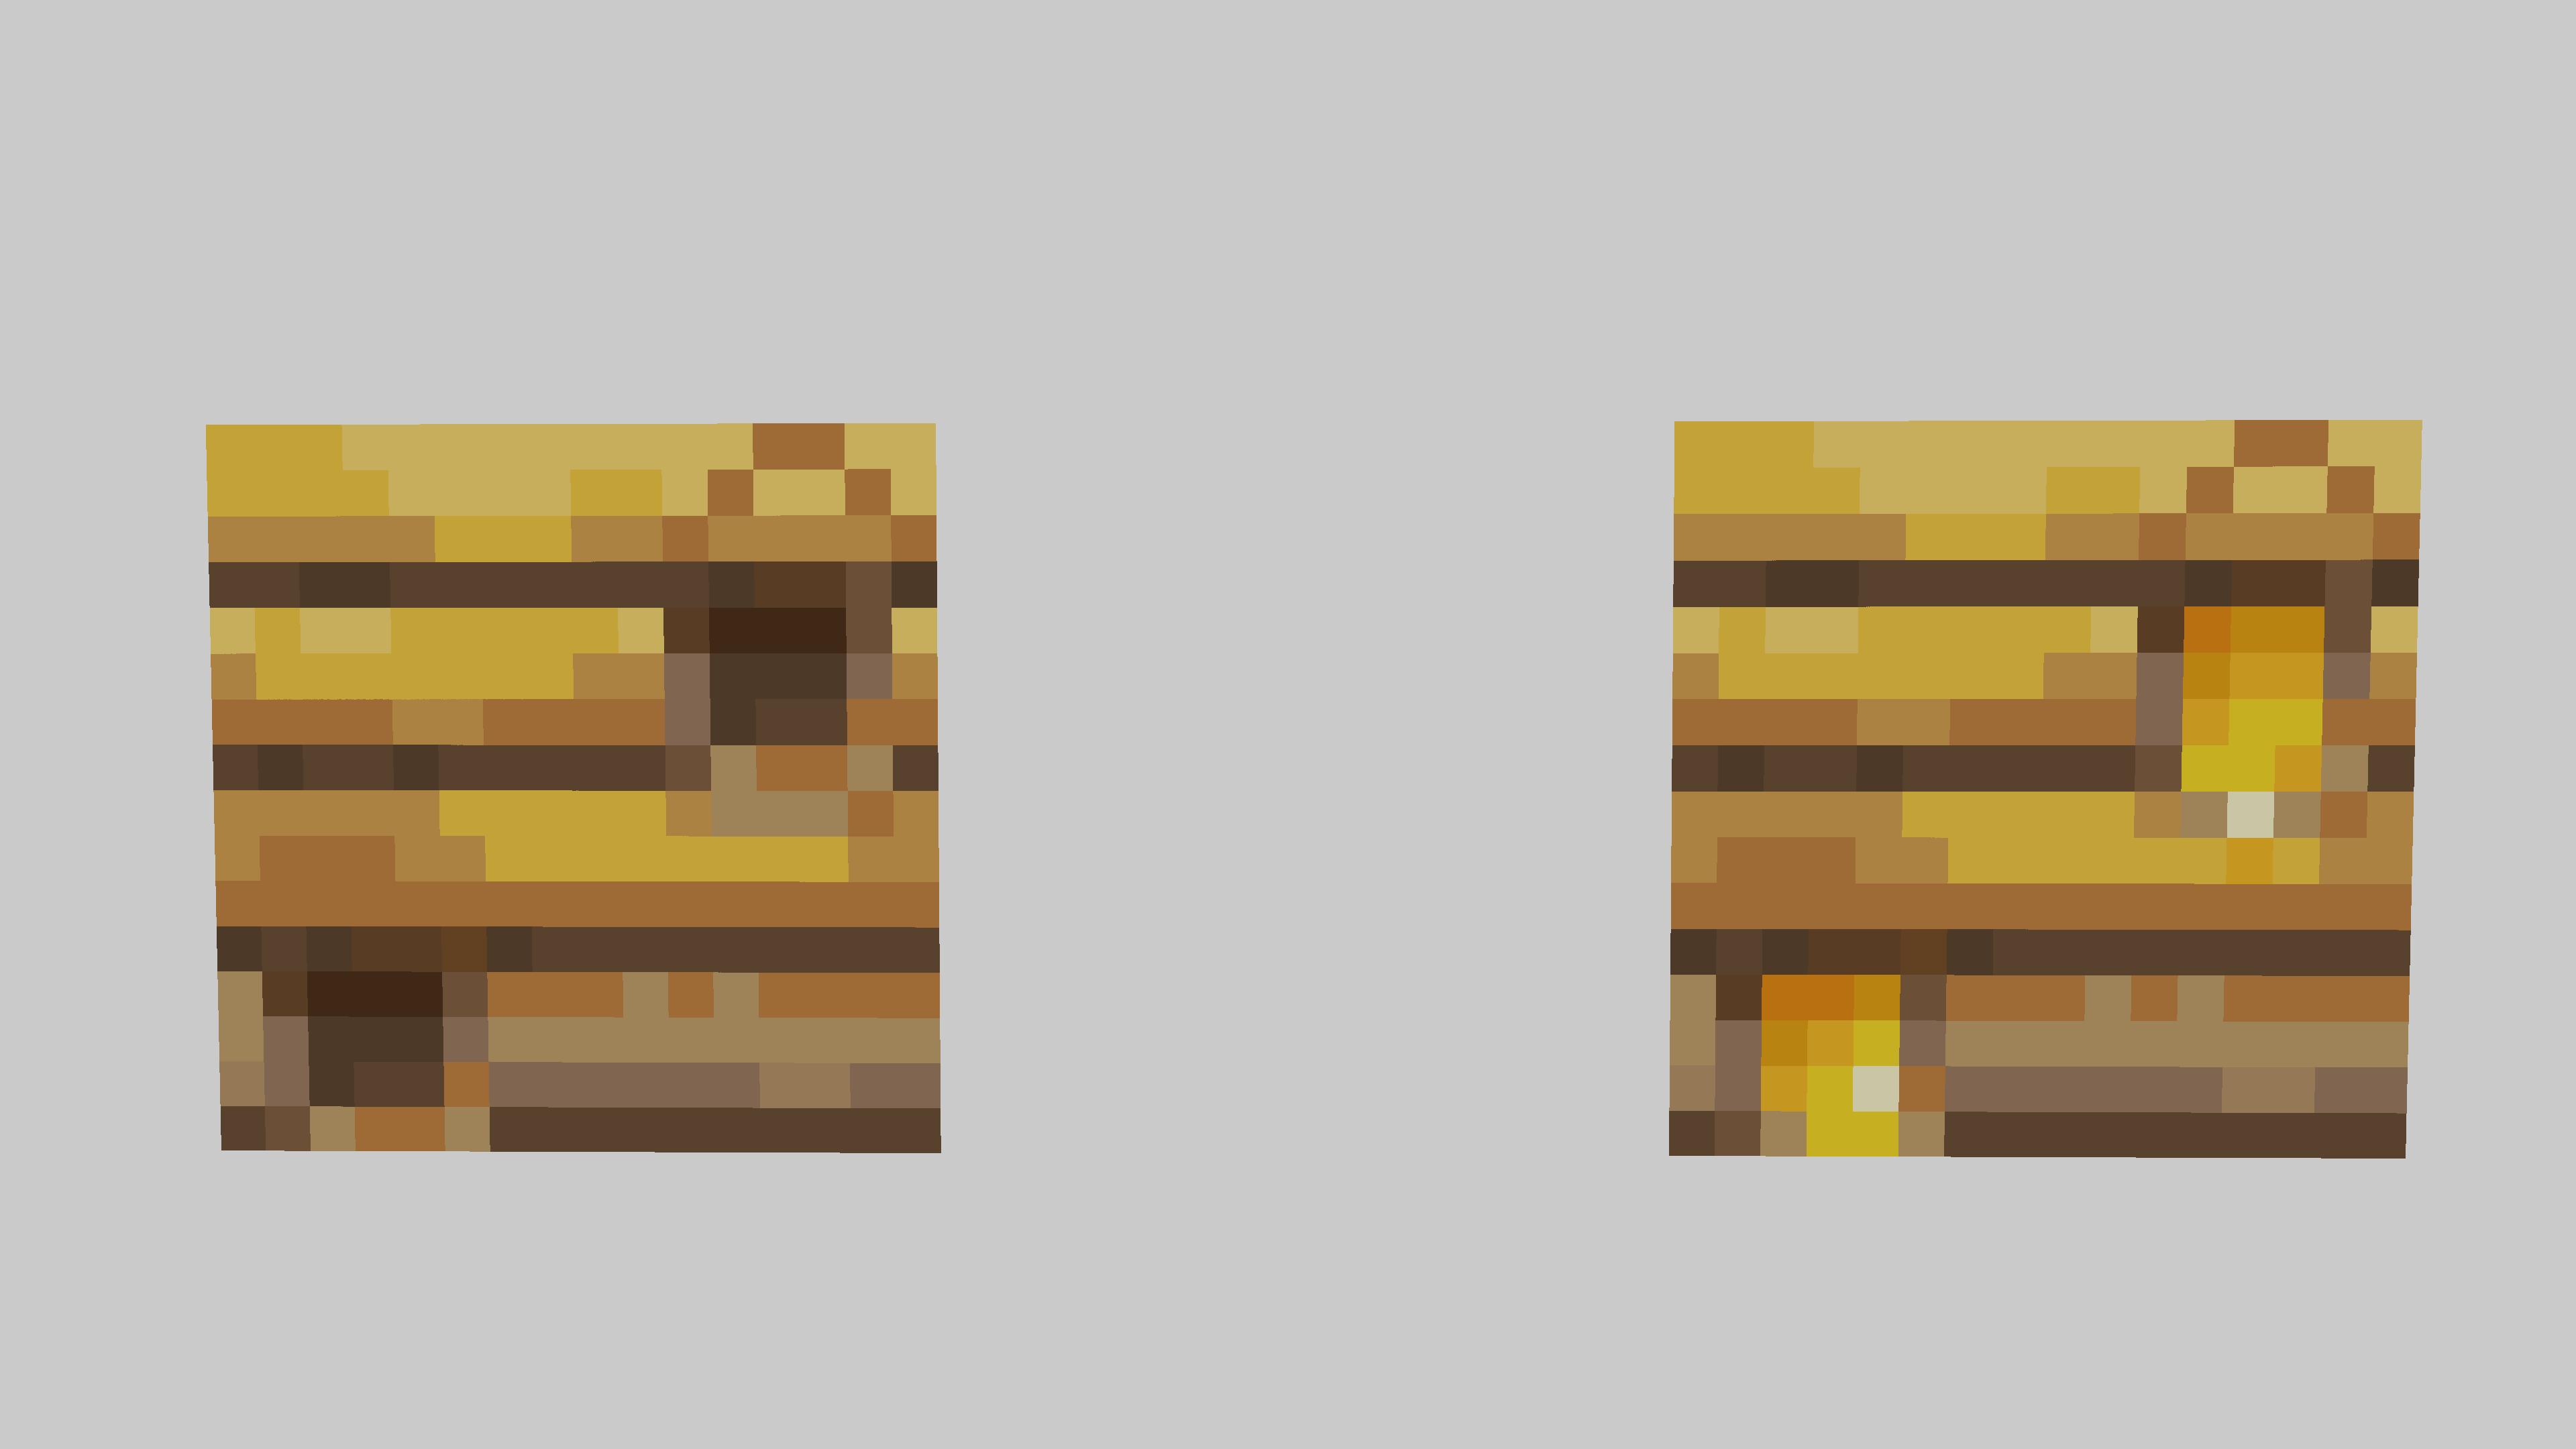 Ecco un Bee Nest vuoto (a sinistra) e uno pieno (a destra). Da quello di sinistra con le cesoie non ricavate 0 Favo, mentre cesoiando quello di destra col Click Destro ve lo darà.